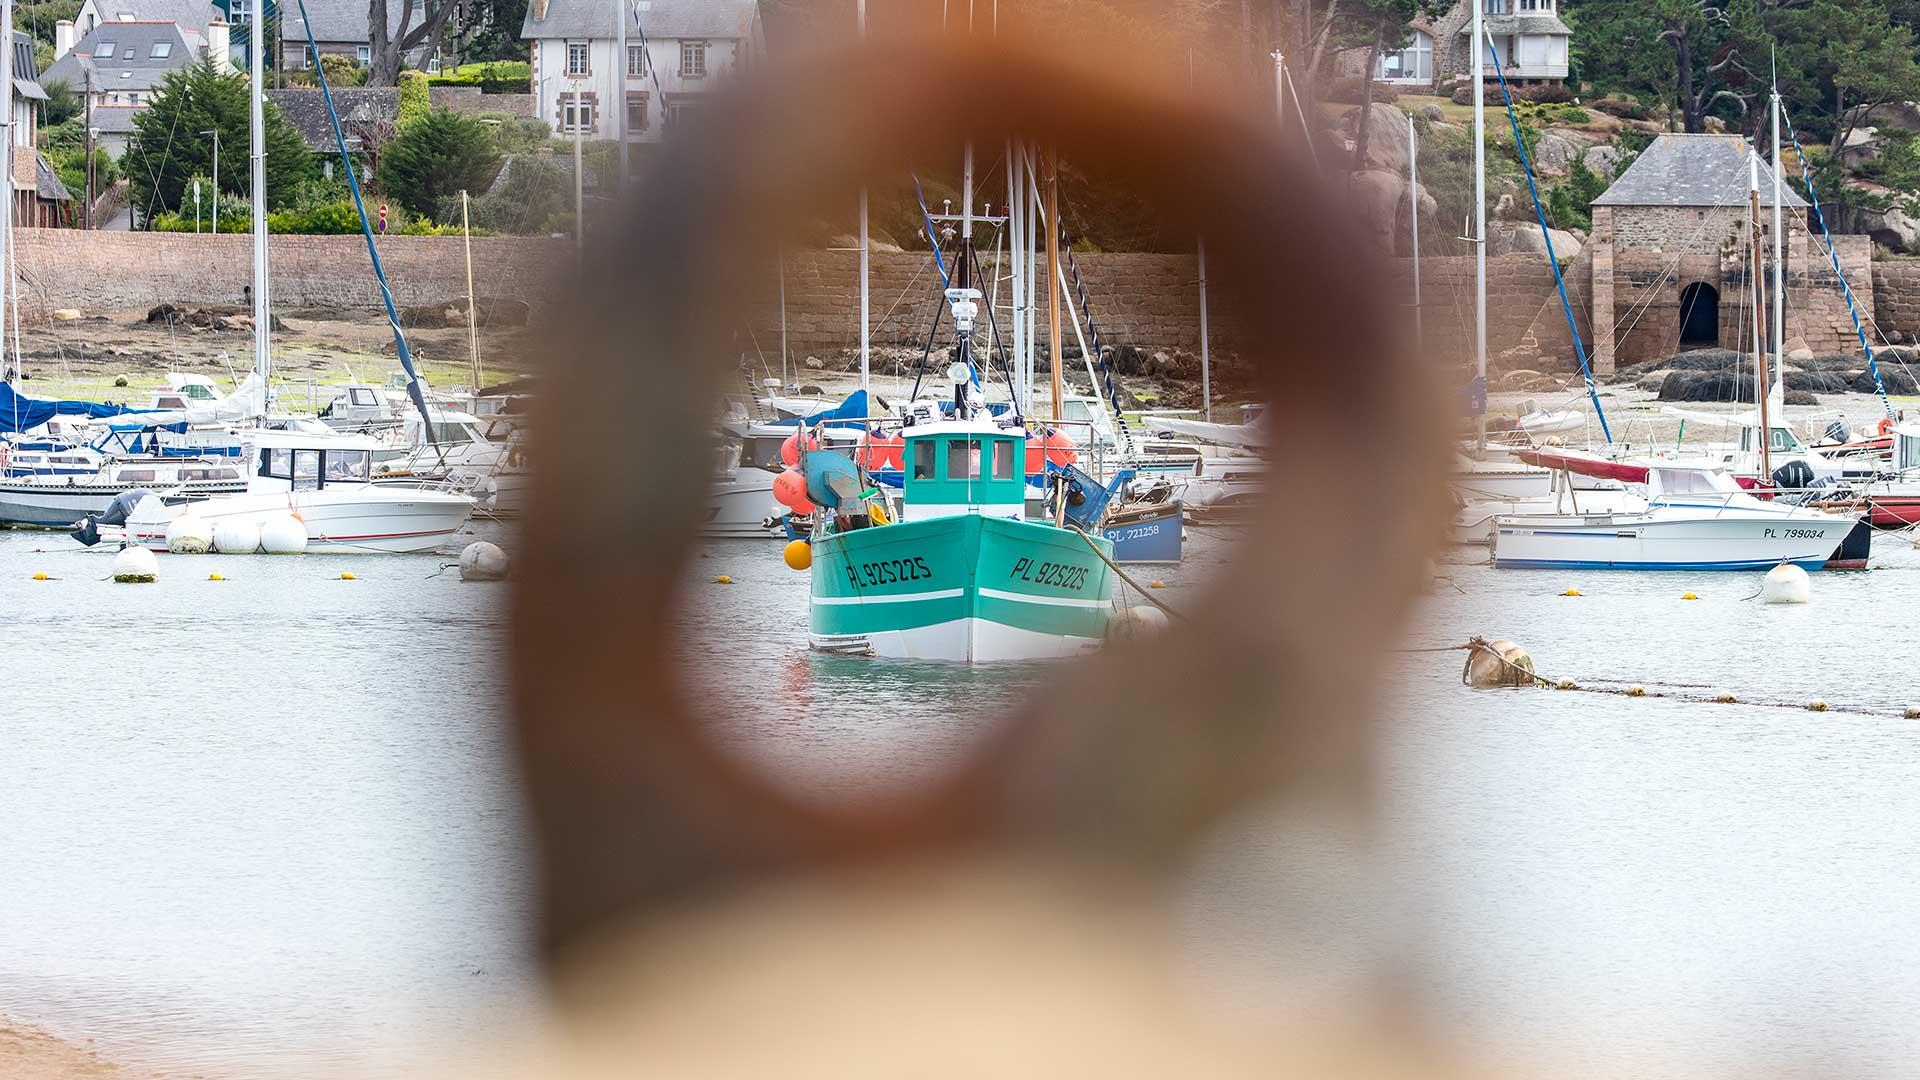 Landschaftsfotografie: Côte de Granit Rose – Hafen: Blick durch Ring zum Festmachen von Booten | Foto: Dieter Eikenberg, imprints